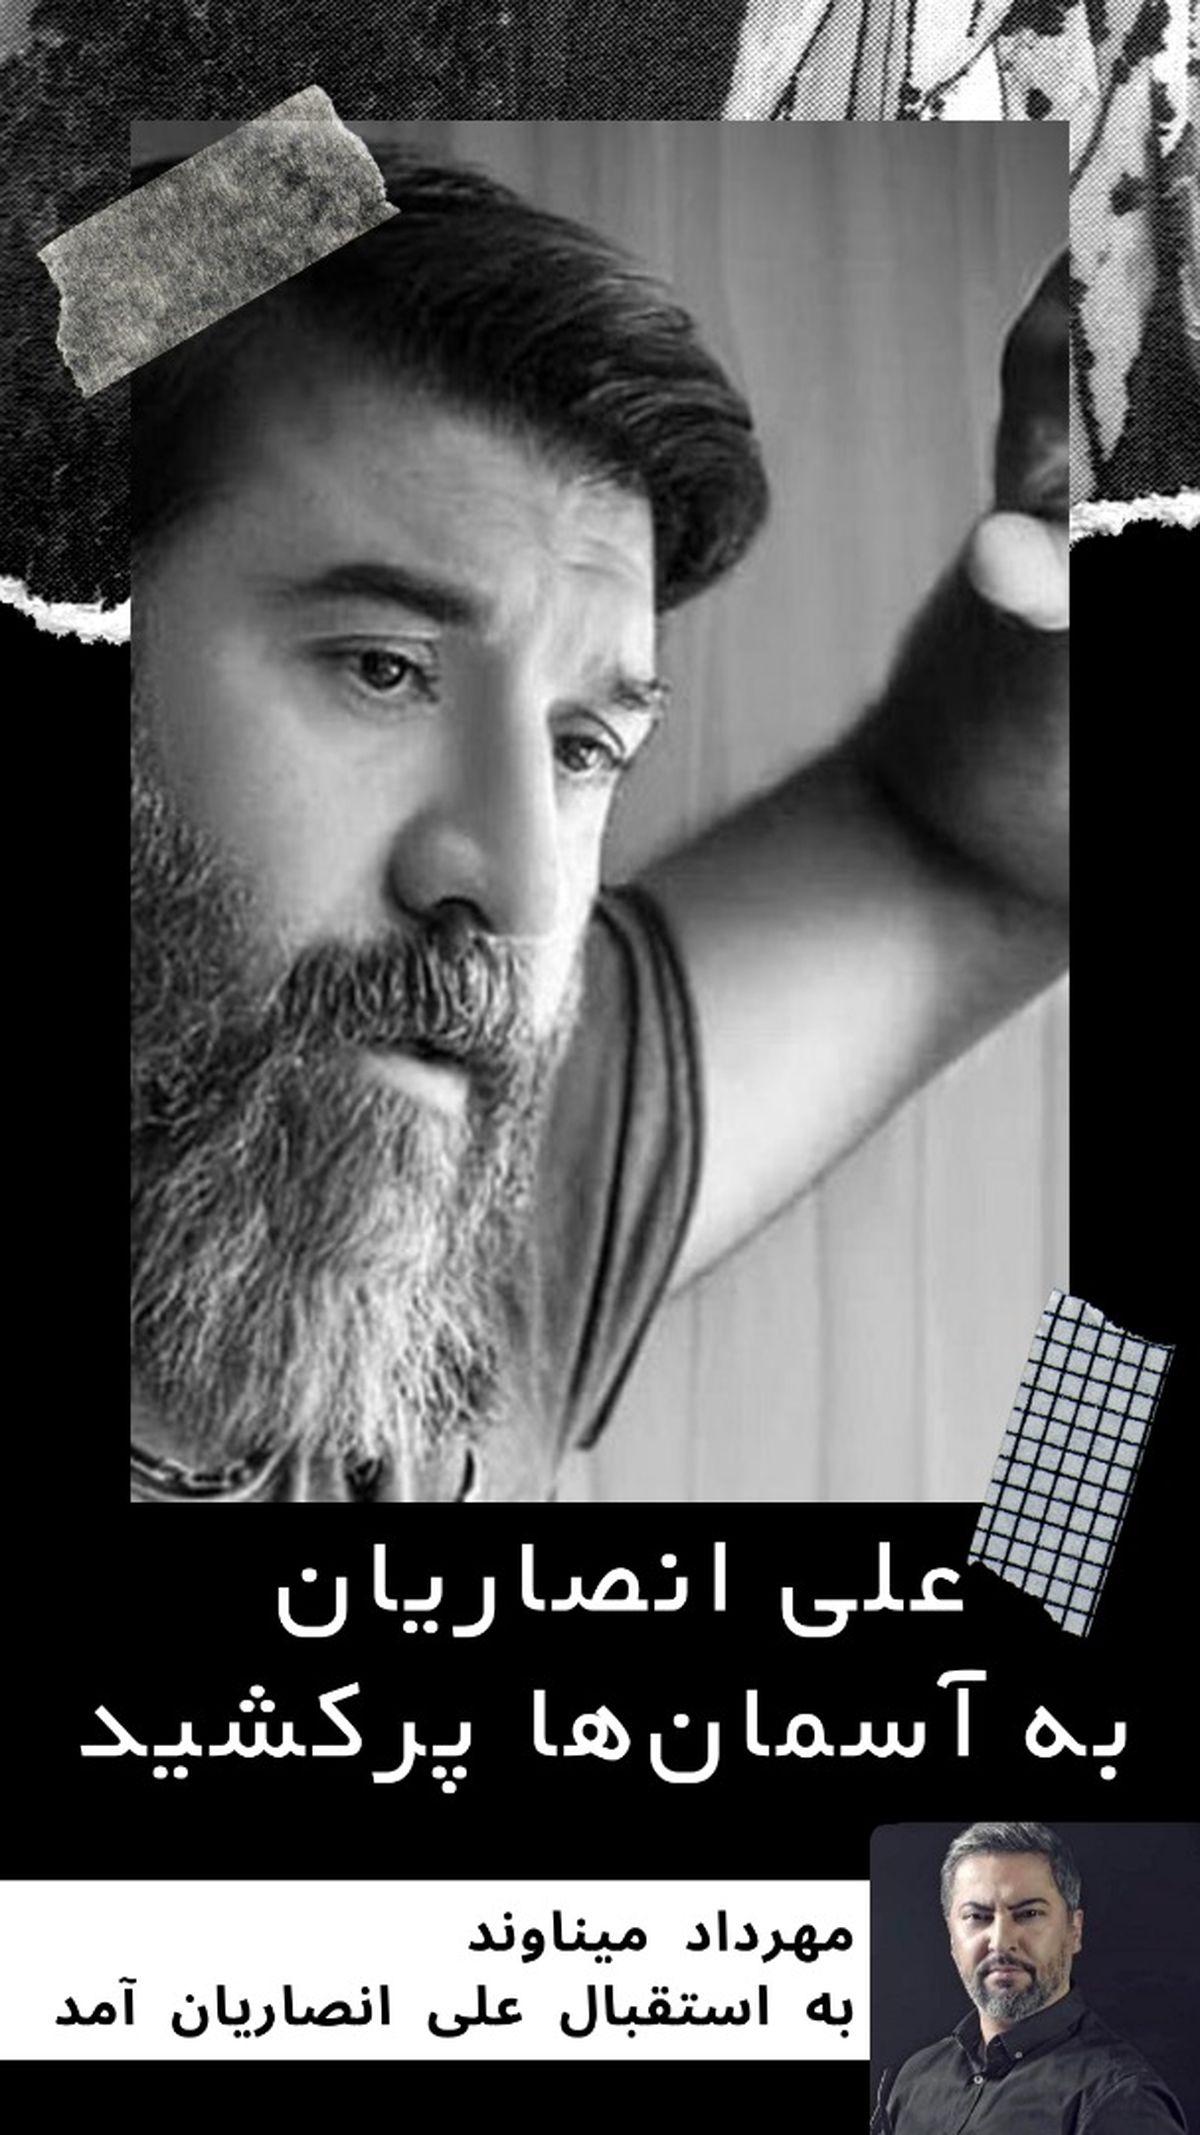 علی انصاریان درگذشت + بیوگرافی و عکس همسرش